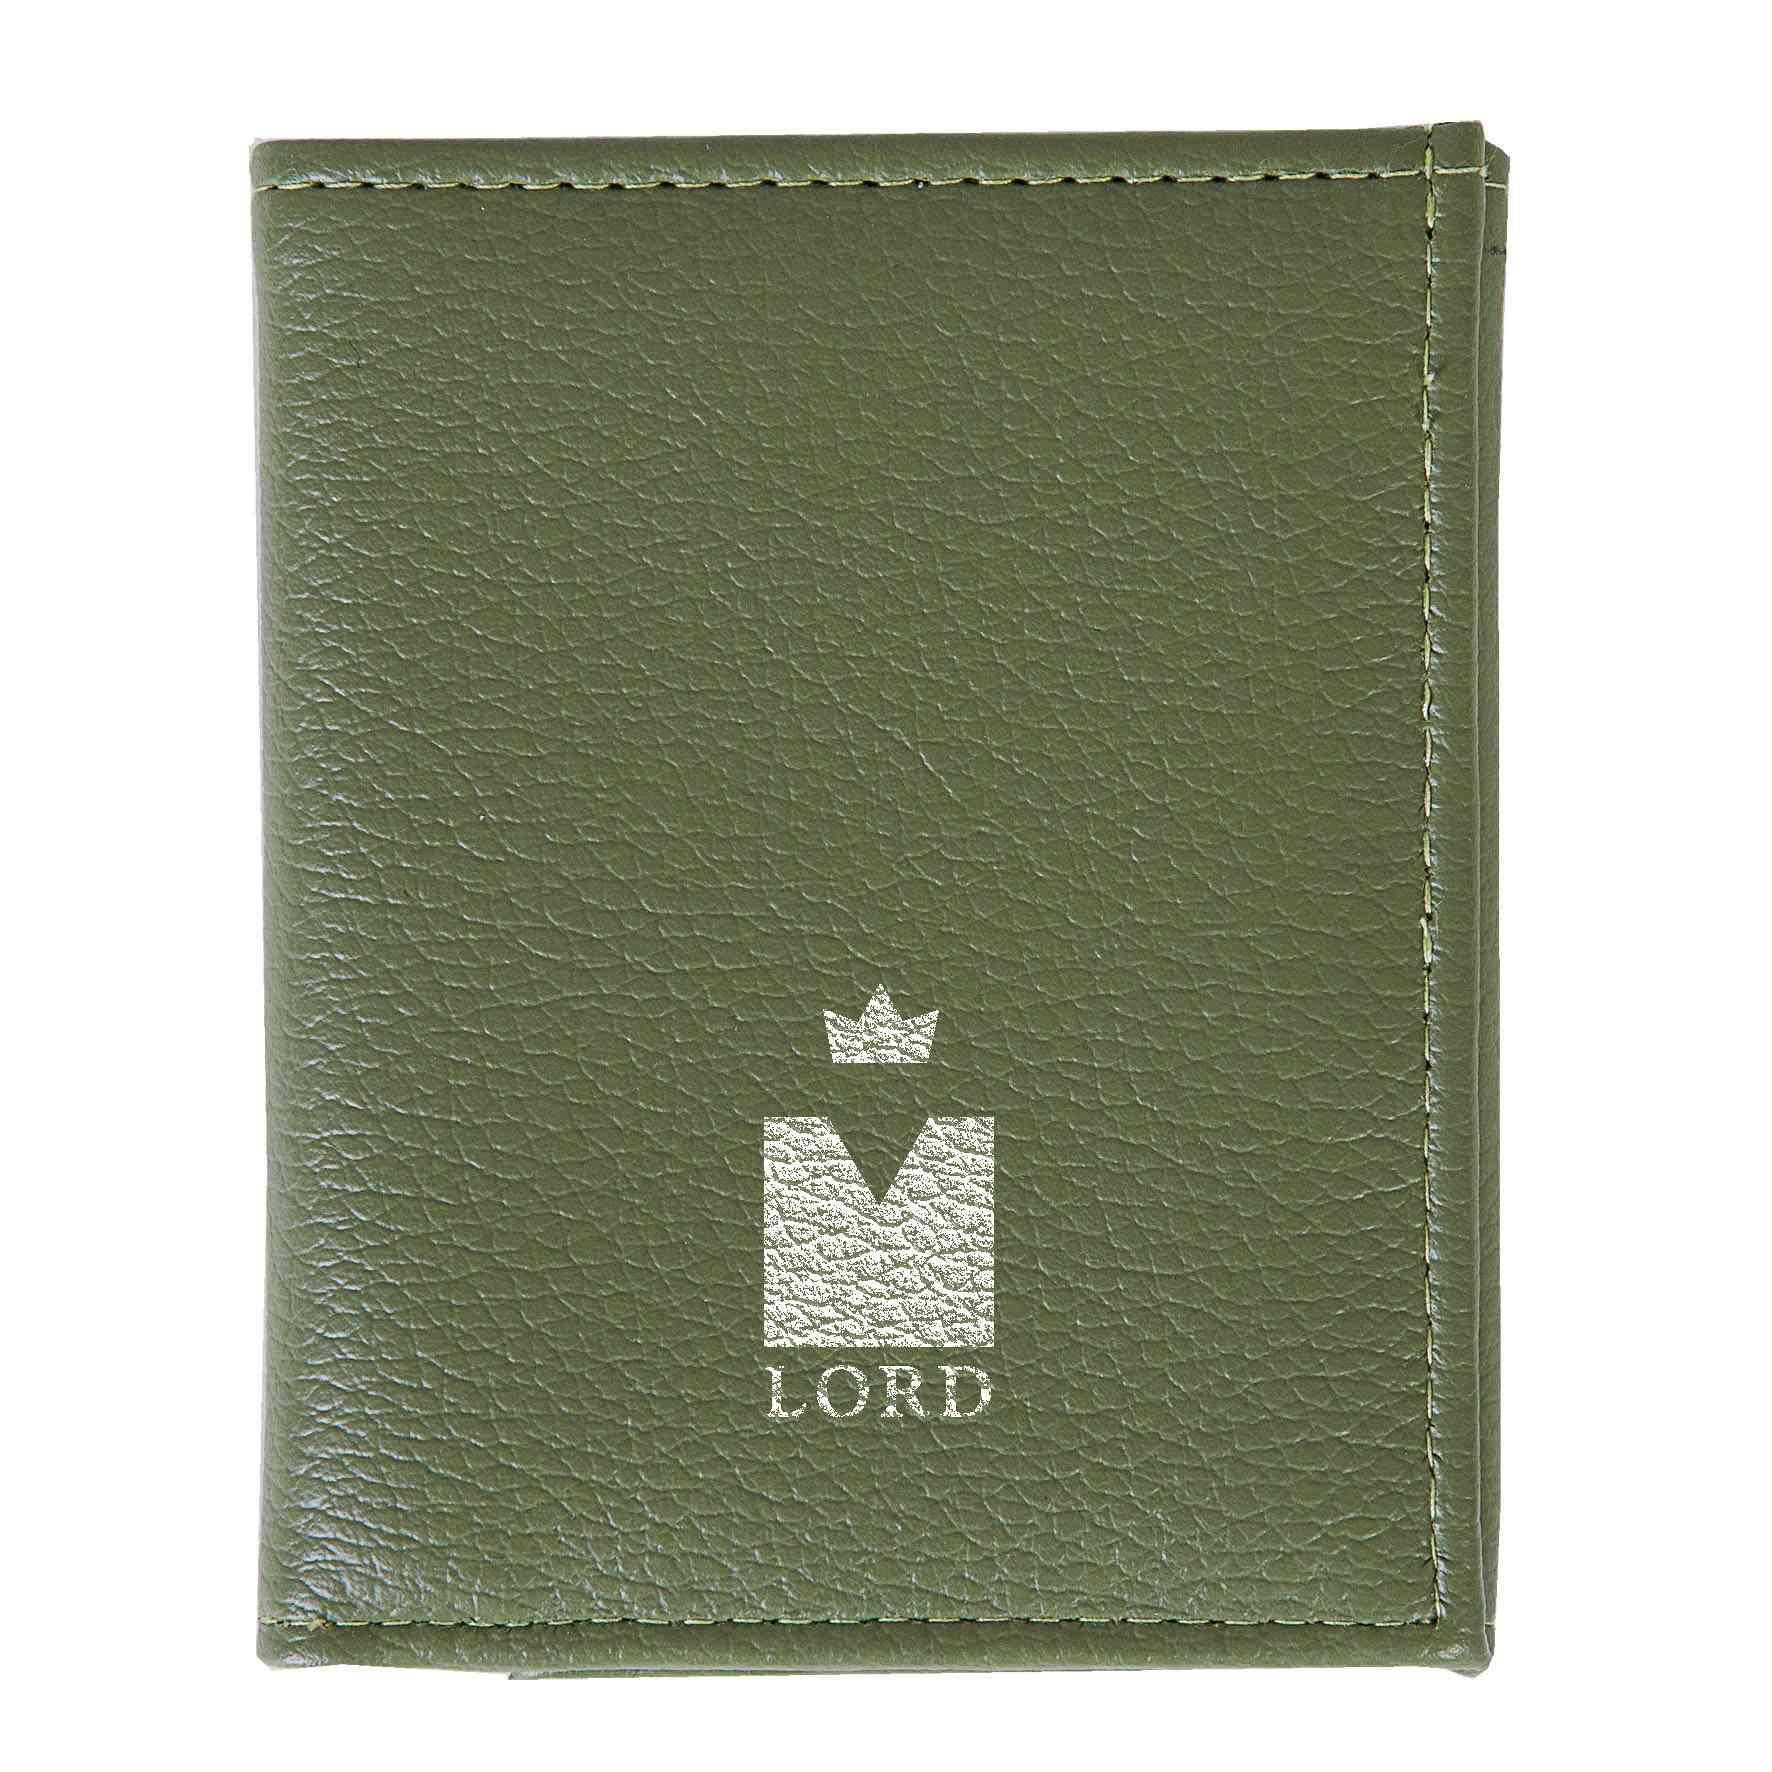 Cadeau promotionnel - Porte-monnaie Multipoches - vert clair